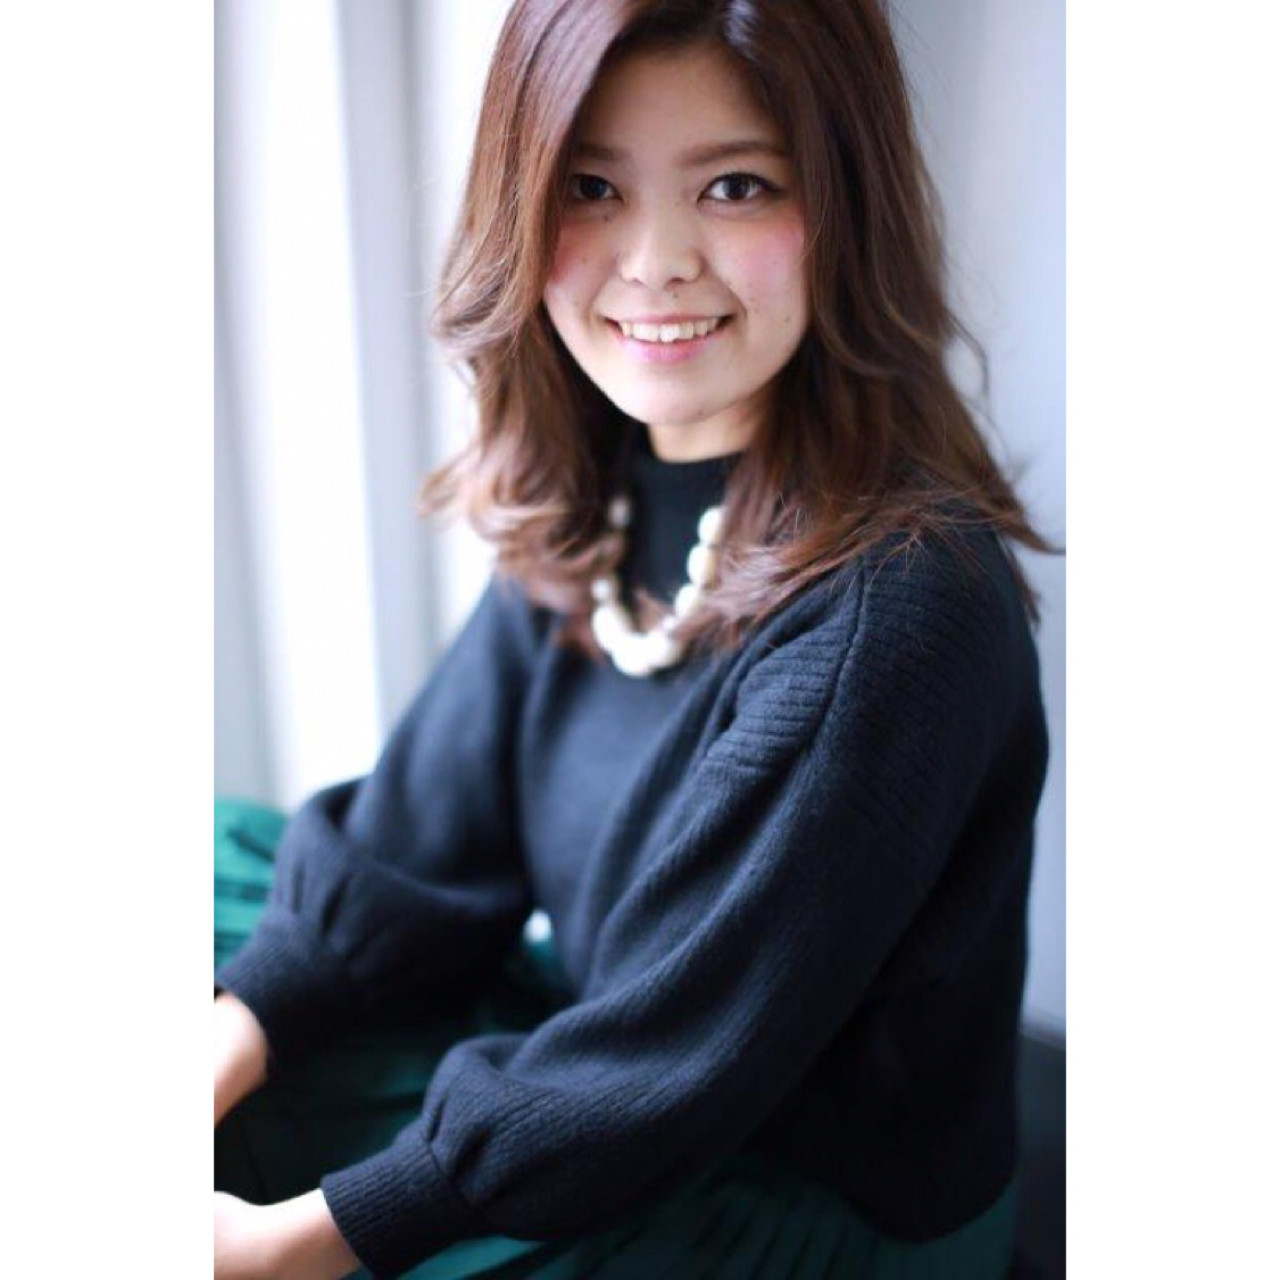 大人女子 ミディアム ベージュ 小顔 ヘアスタイルや髪型の写真・画像   Yumi Hiramatsu / Sourire Imaizumi【スーリール イマイズミ】